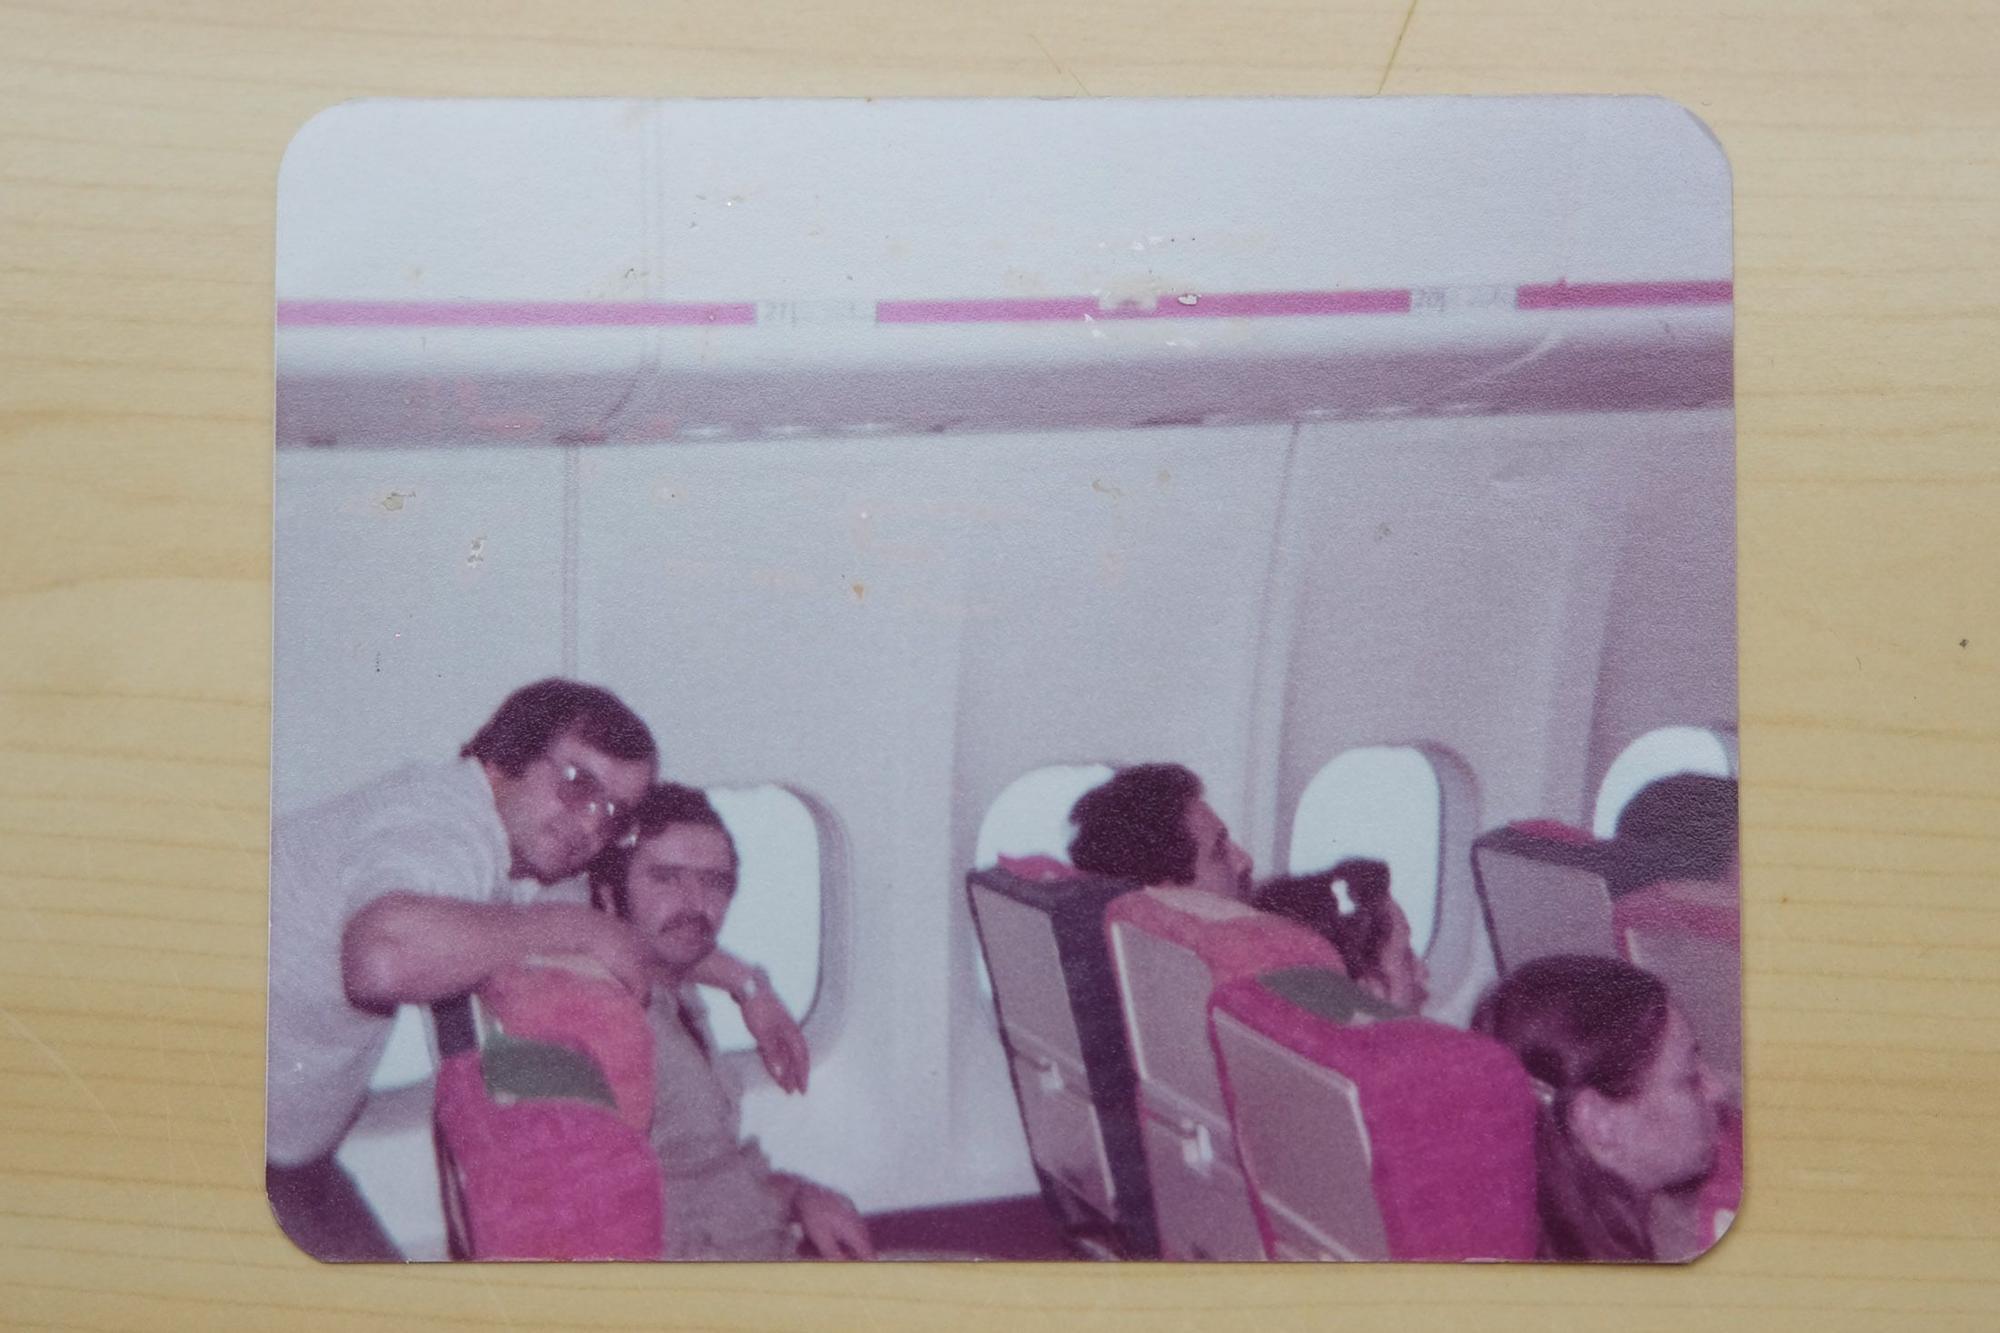 Antiguos trabajadores de la aerolínea Spantax